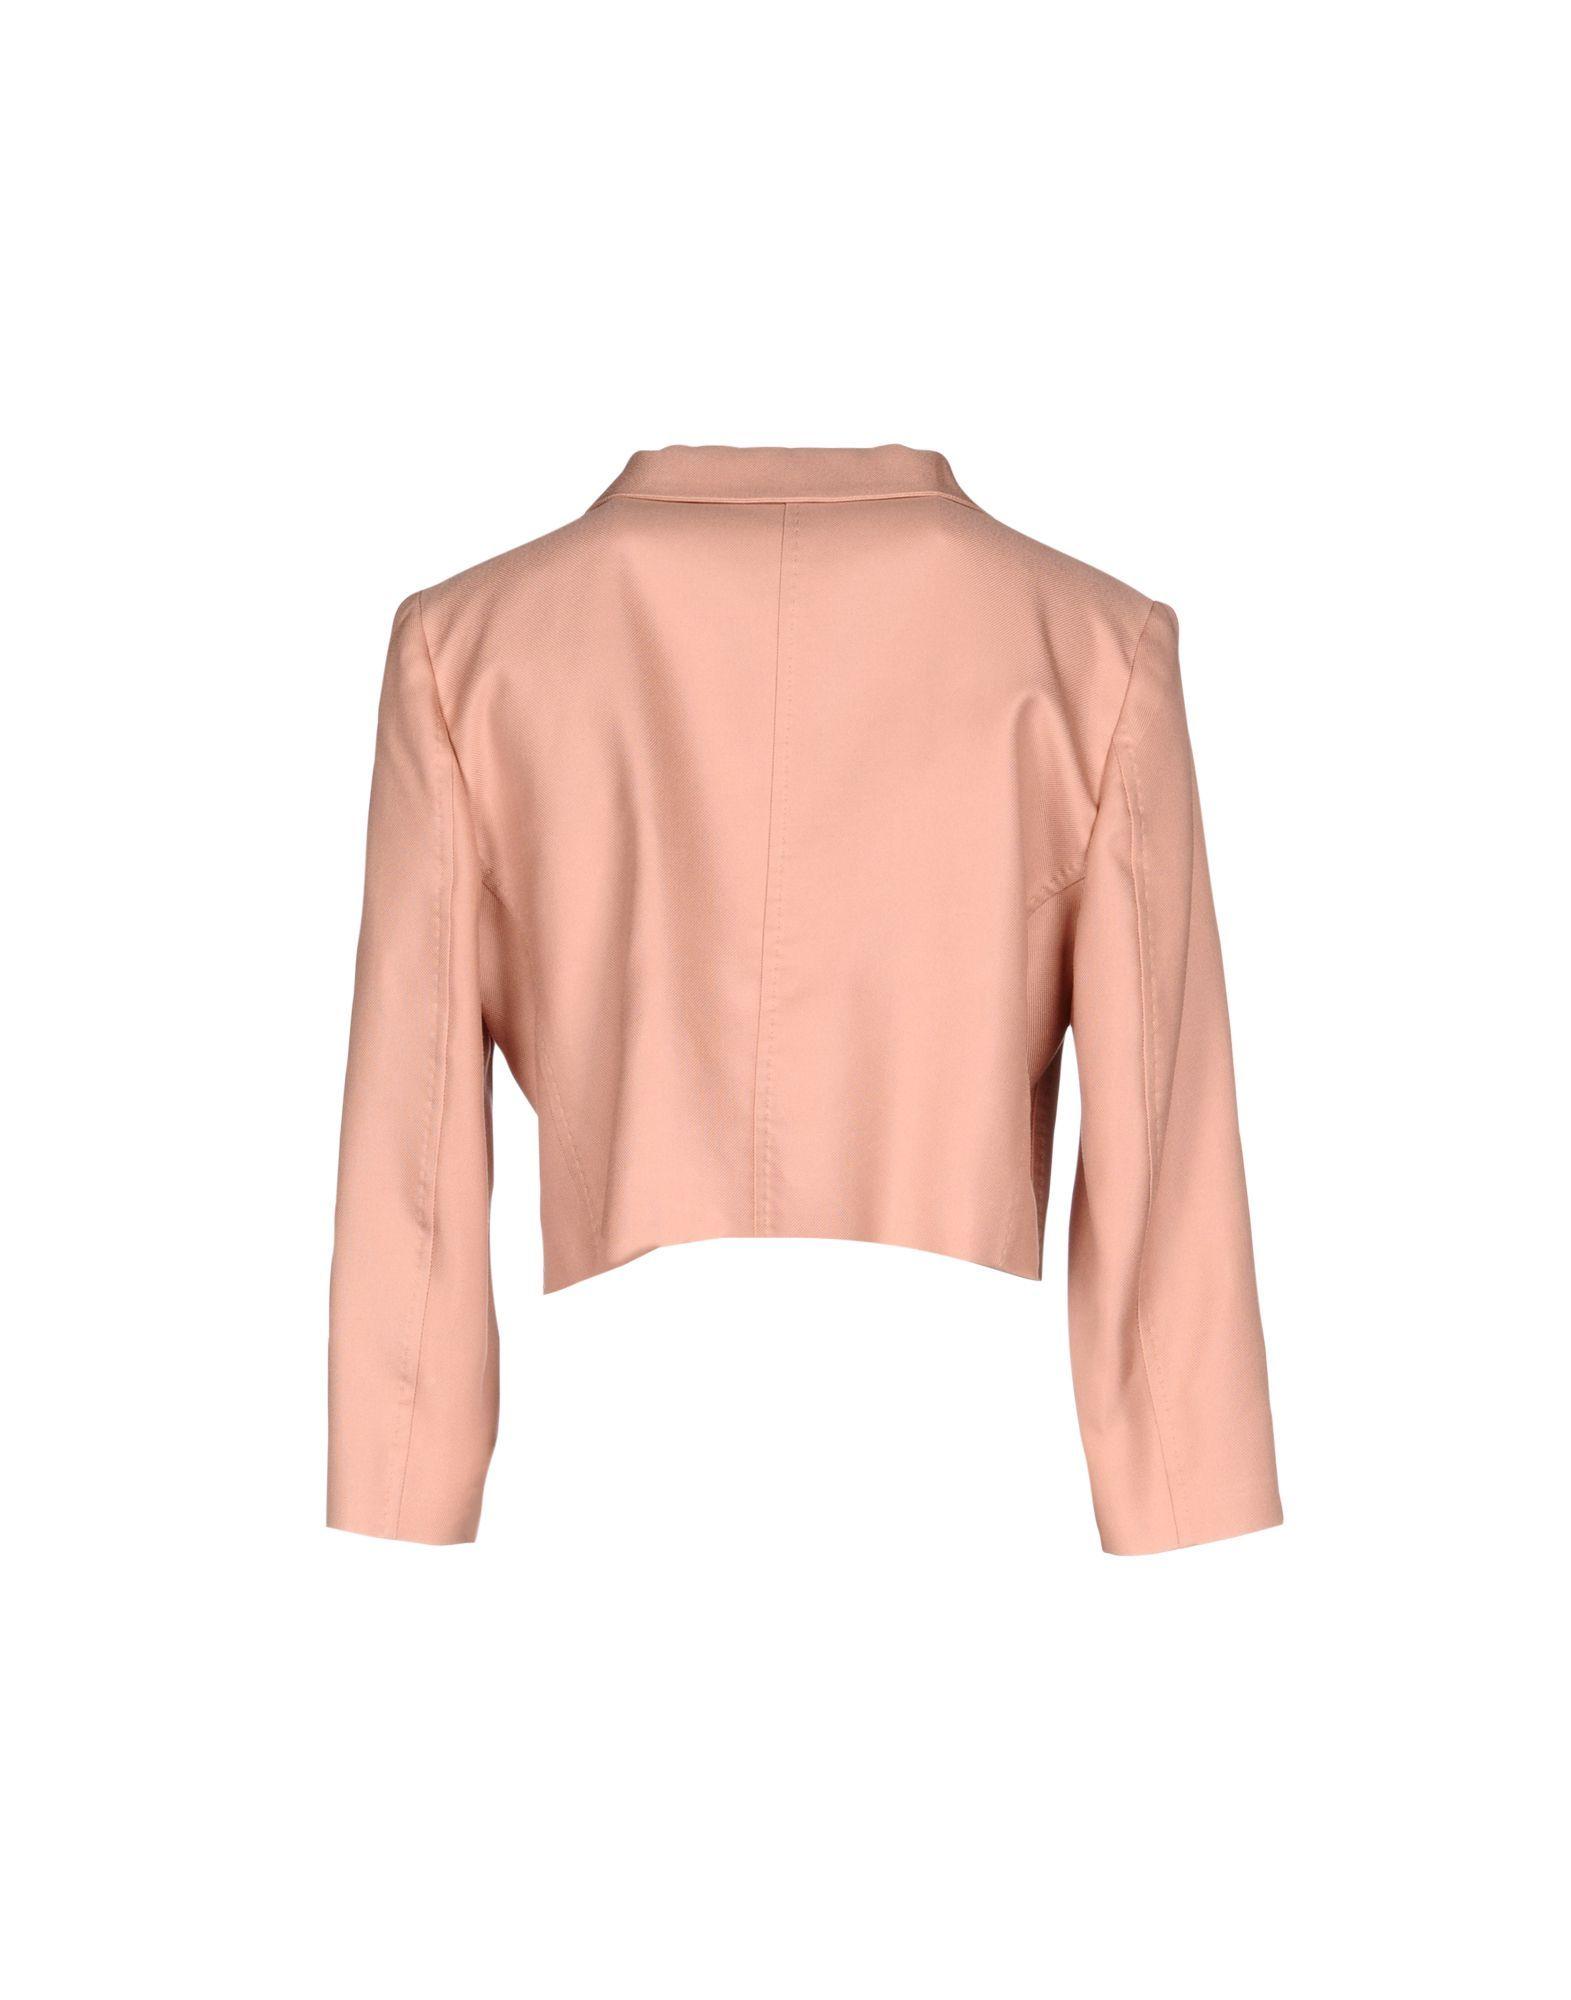 Les Copains Pastel Pink Silk Jacket